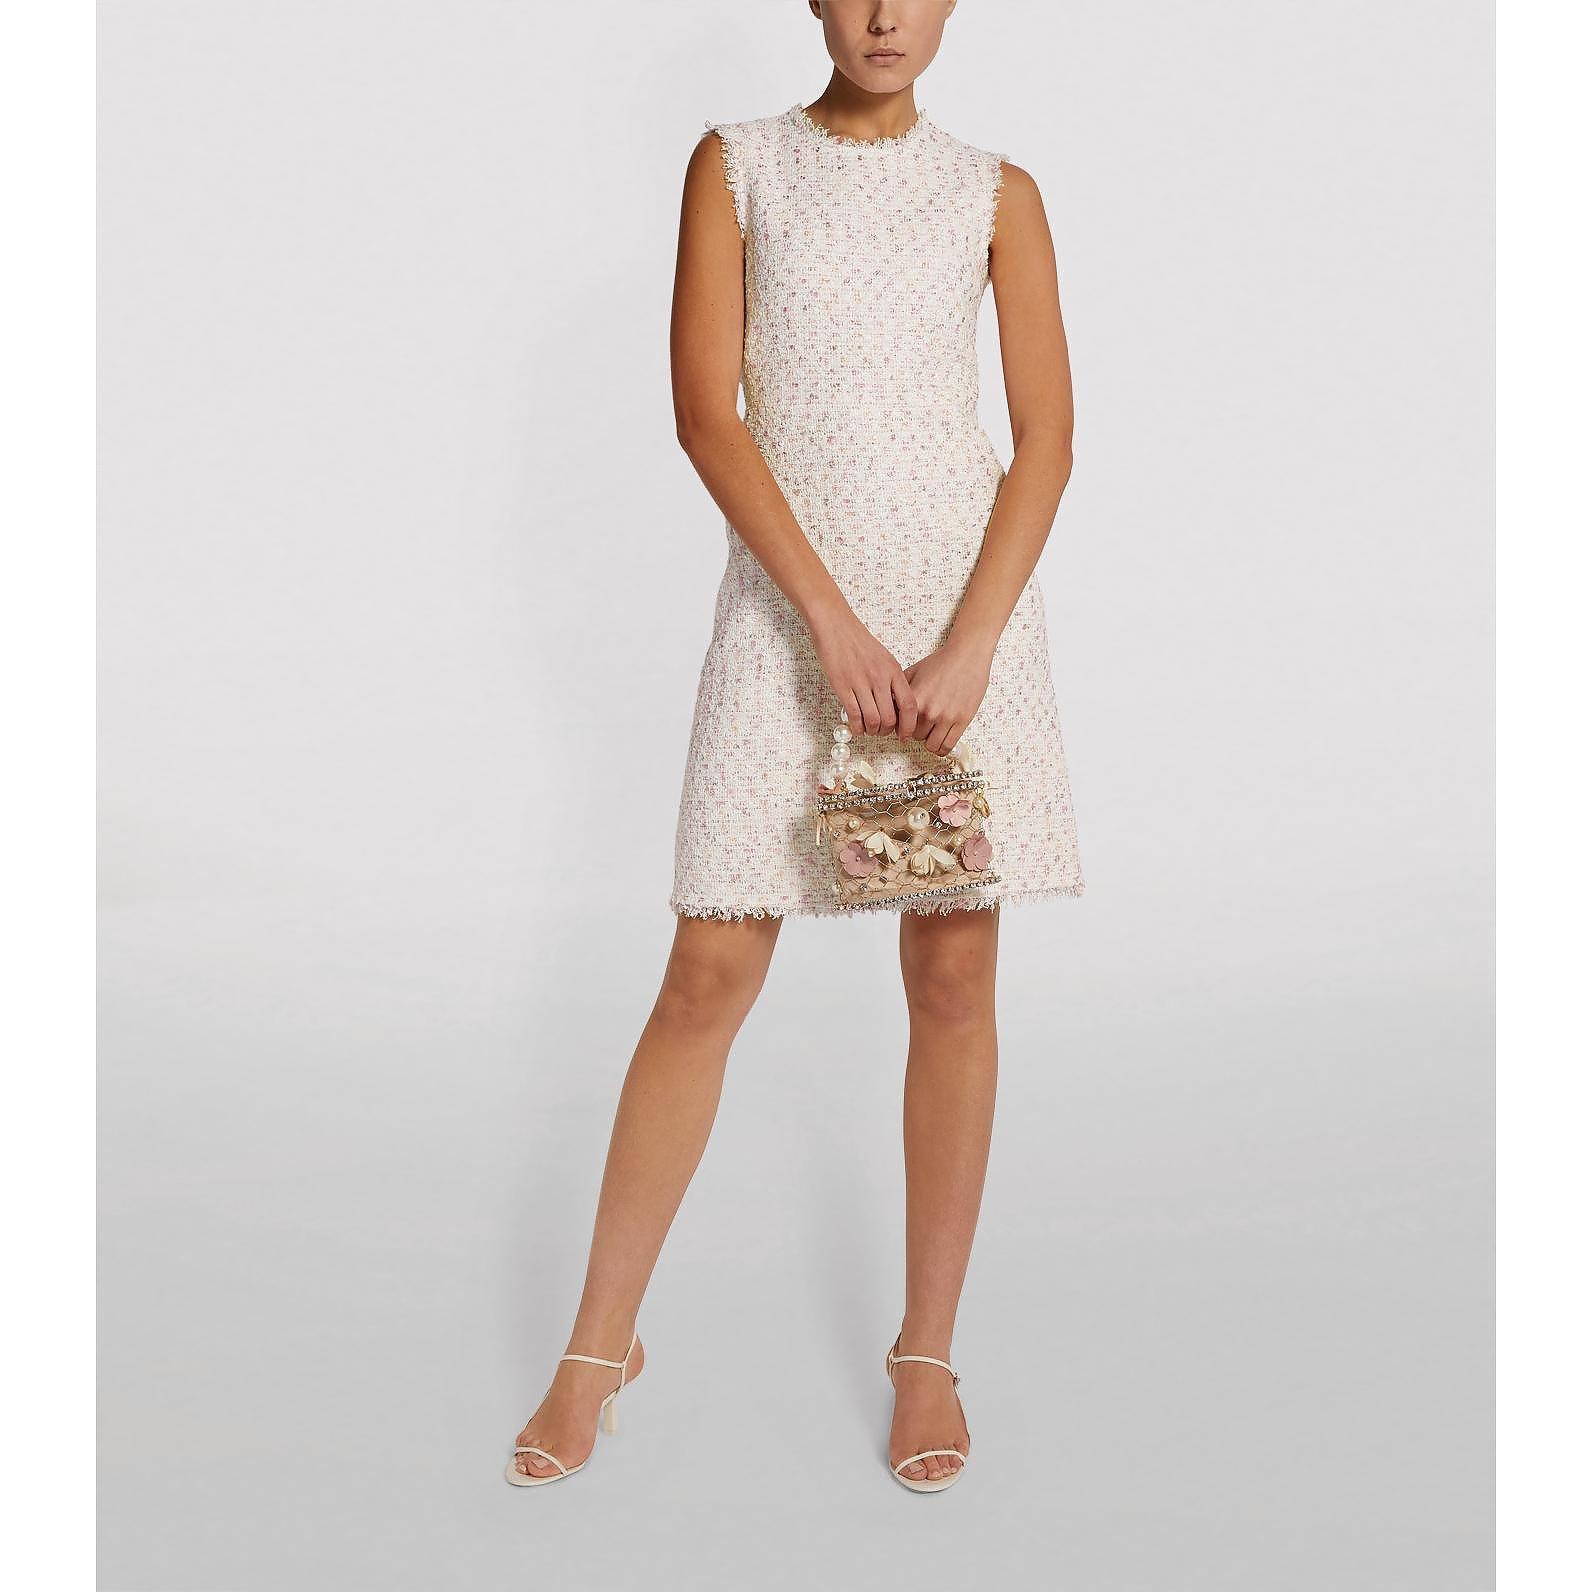 Giambattista Valli Sleeveless Bouclé Mini Dress